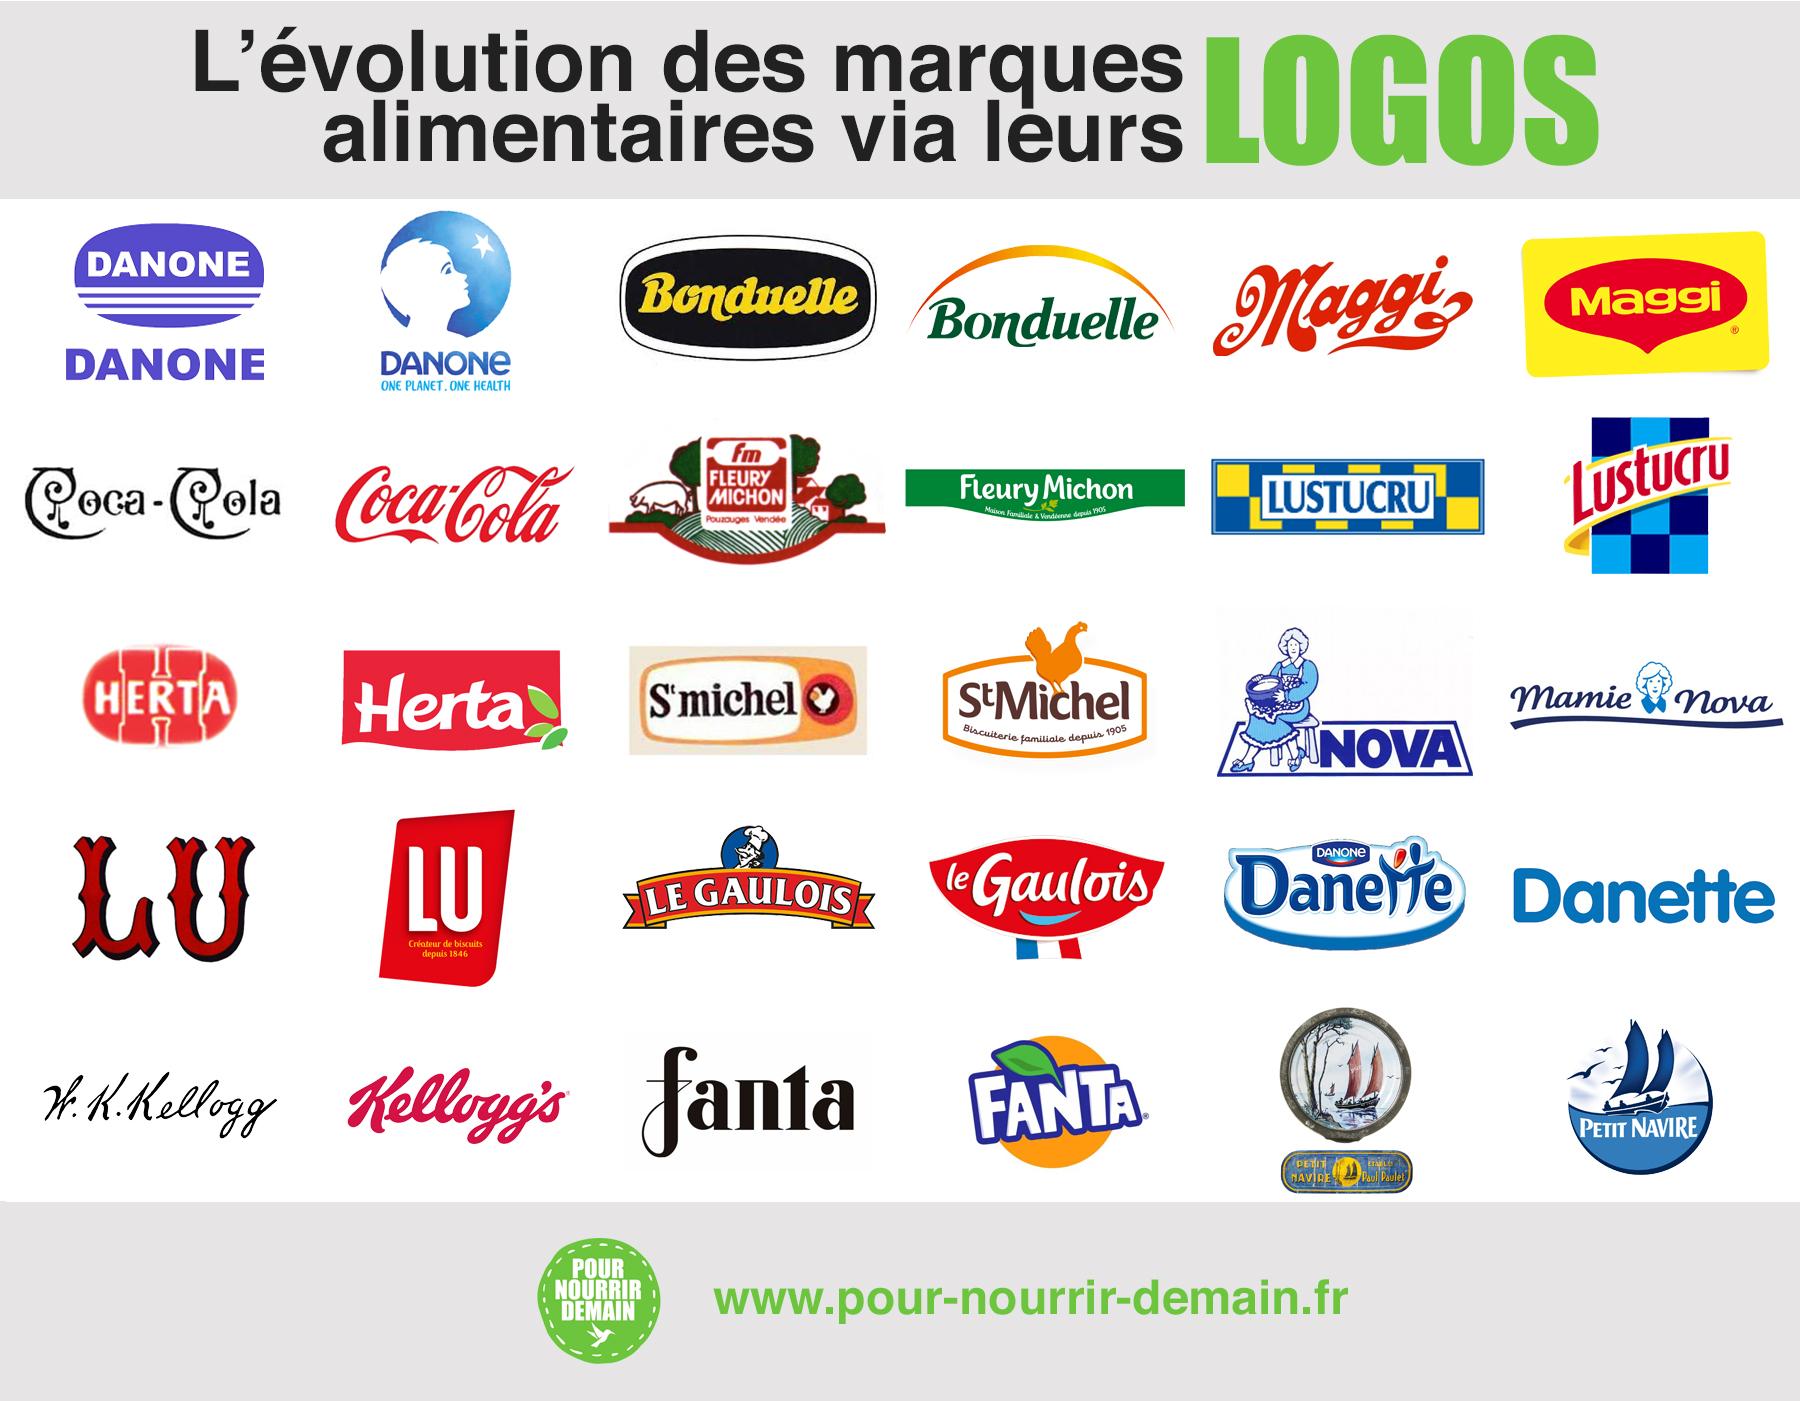 logo marques alimentaires - L'évolution des marques alimentaires à travers leurs logos